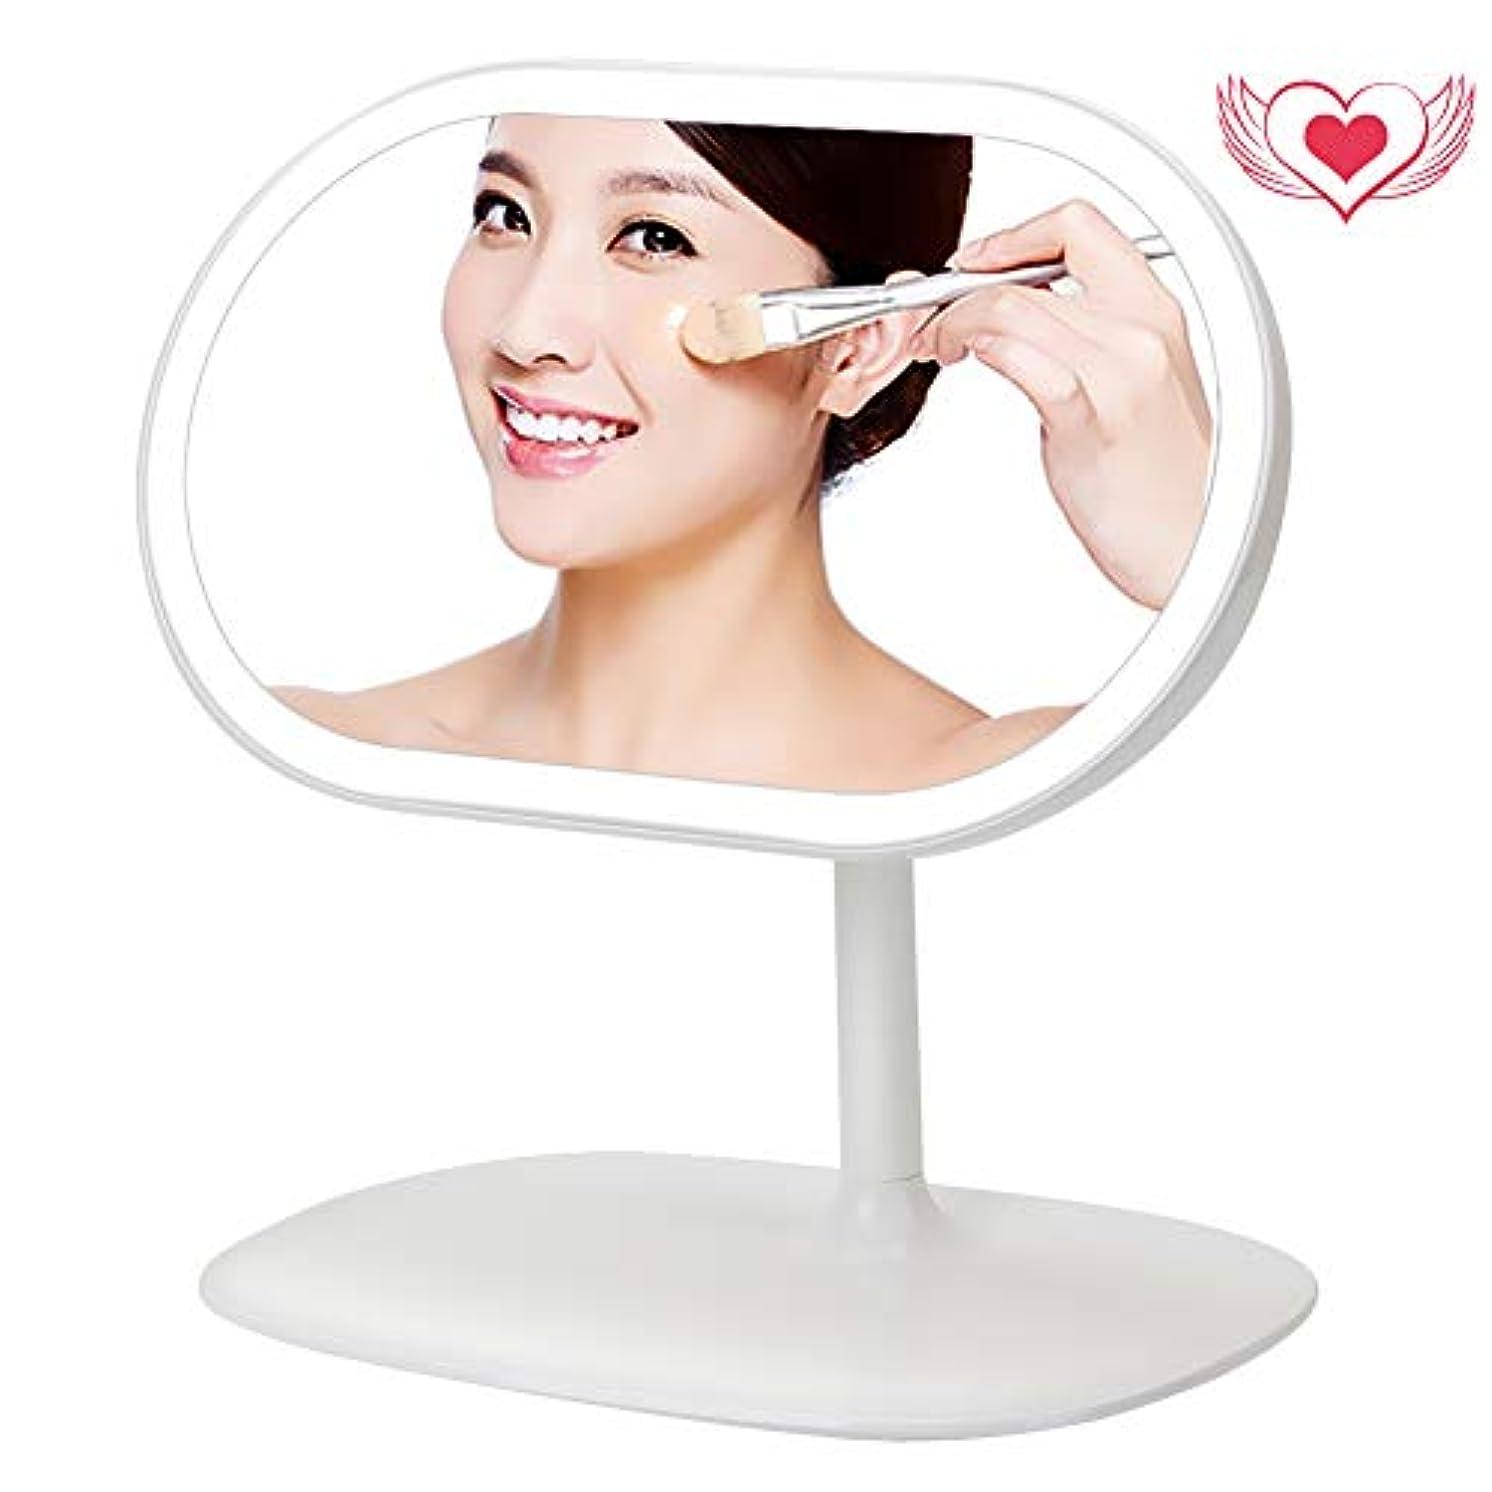 美人さんの鏡 化粧鏡 LED ライト付き 3 in 1 デスクライト USB充電 収納台座 メイクアップ 卓上ミラー 磁気 360度回転 化粧ミラー